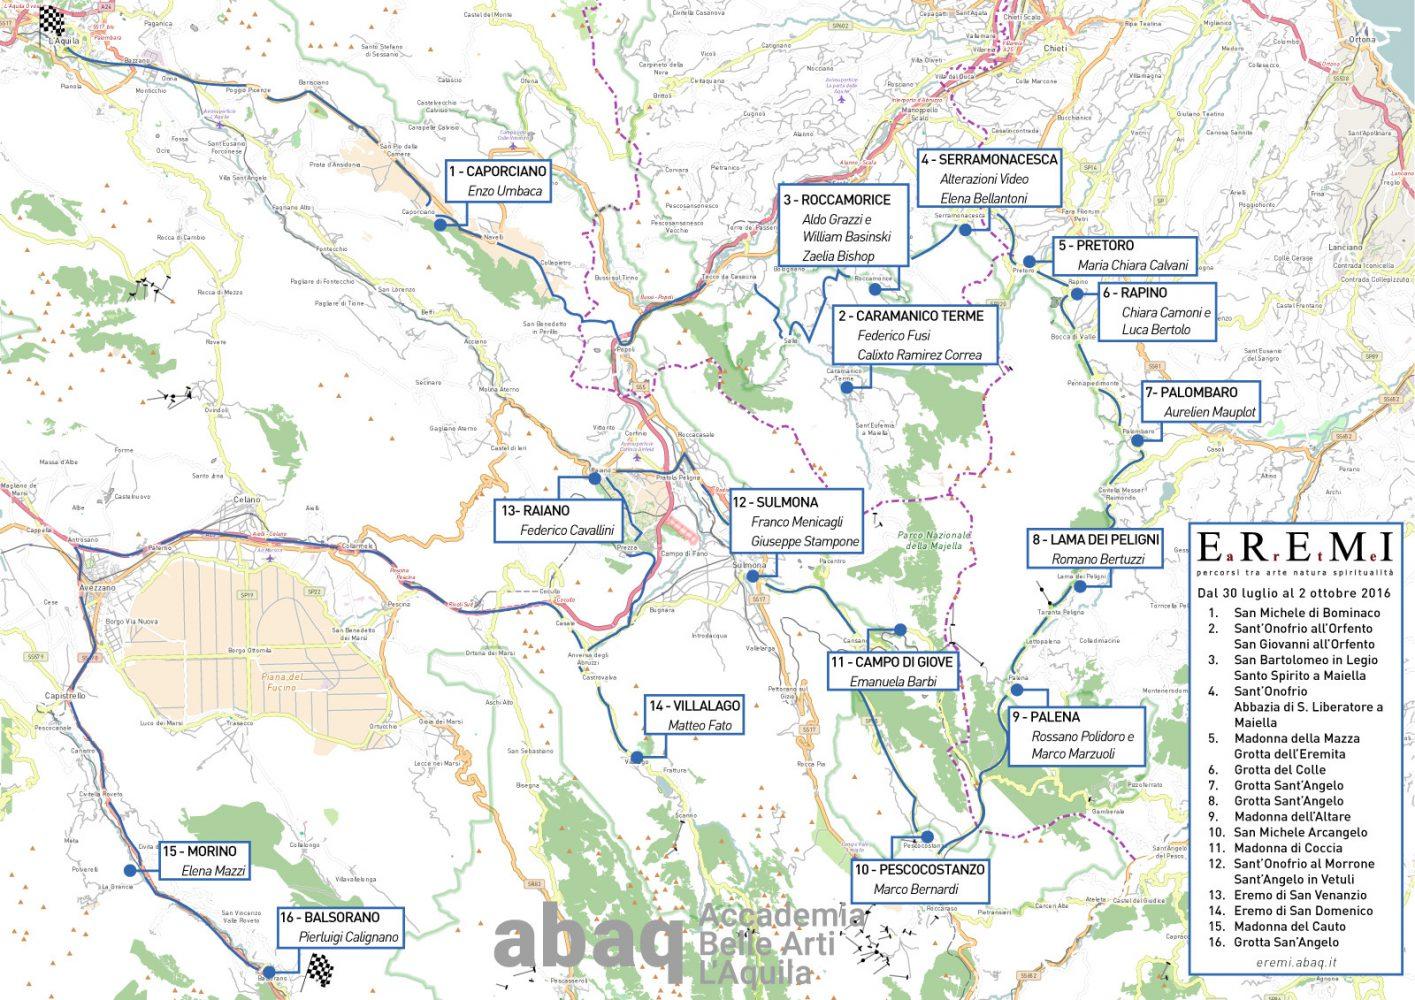 Mappa_ Eremi e artisti - Invito_ EREMI Arte - Percorsi tra Arte Natura Spiritualità - www.accademiabellearti.laquila.it